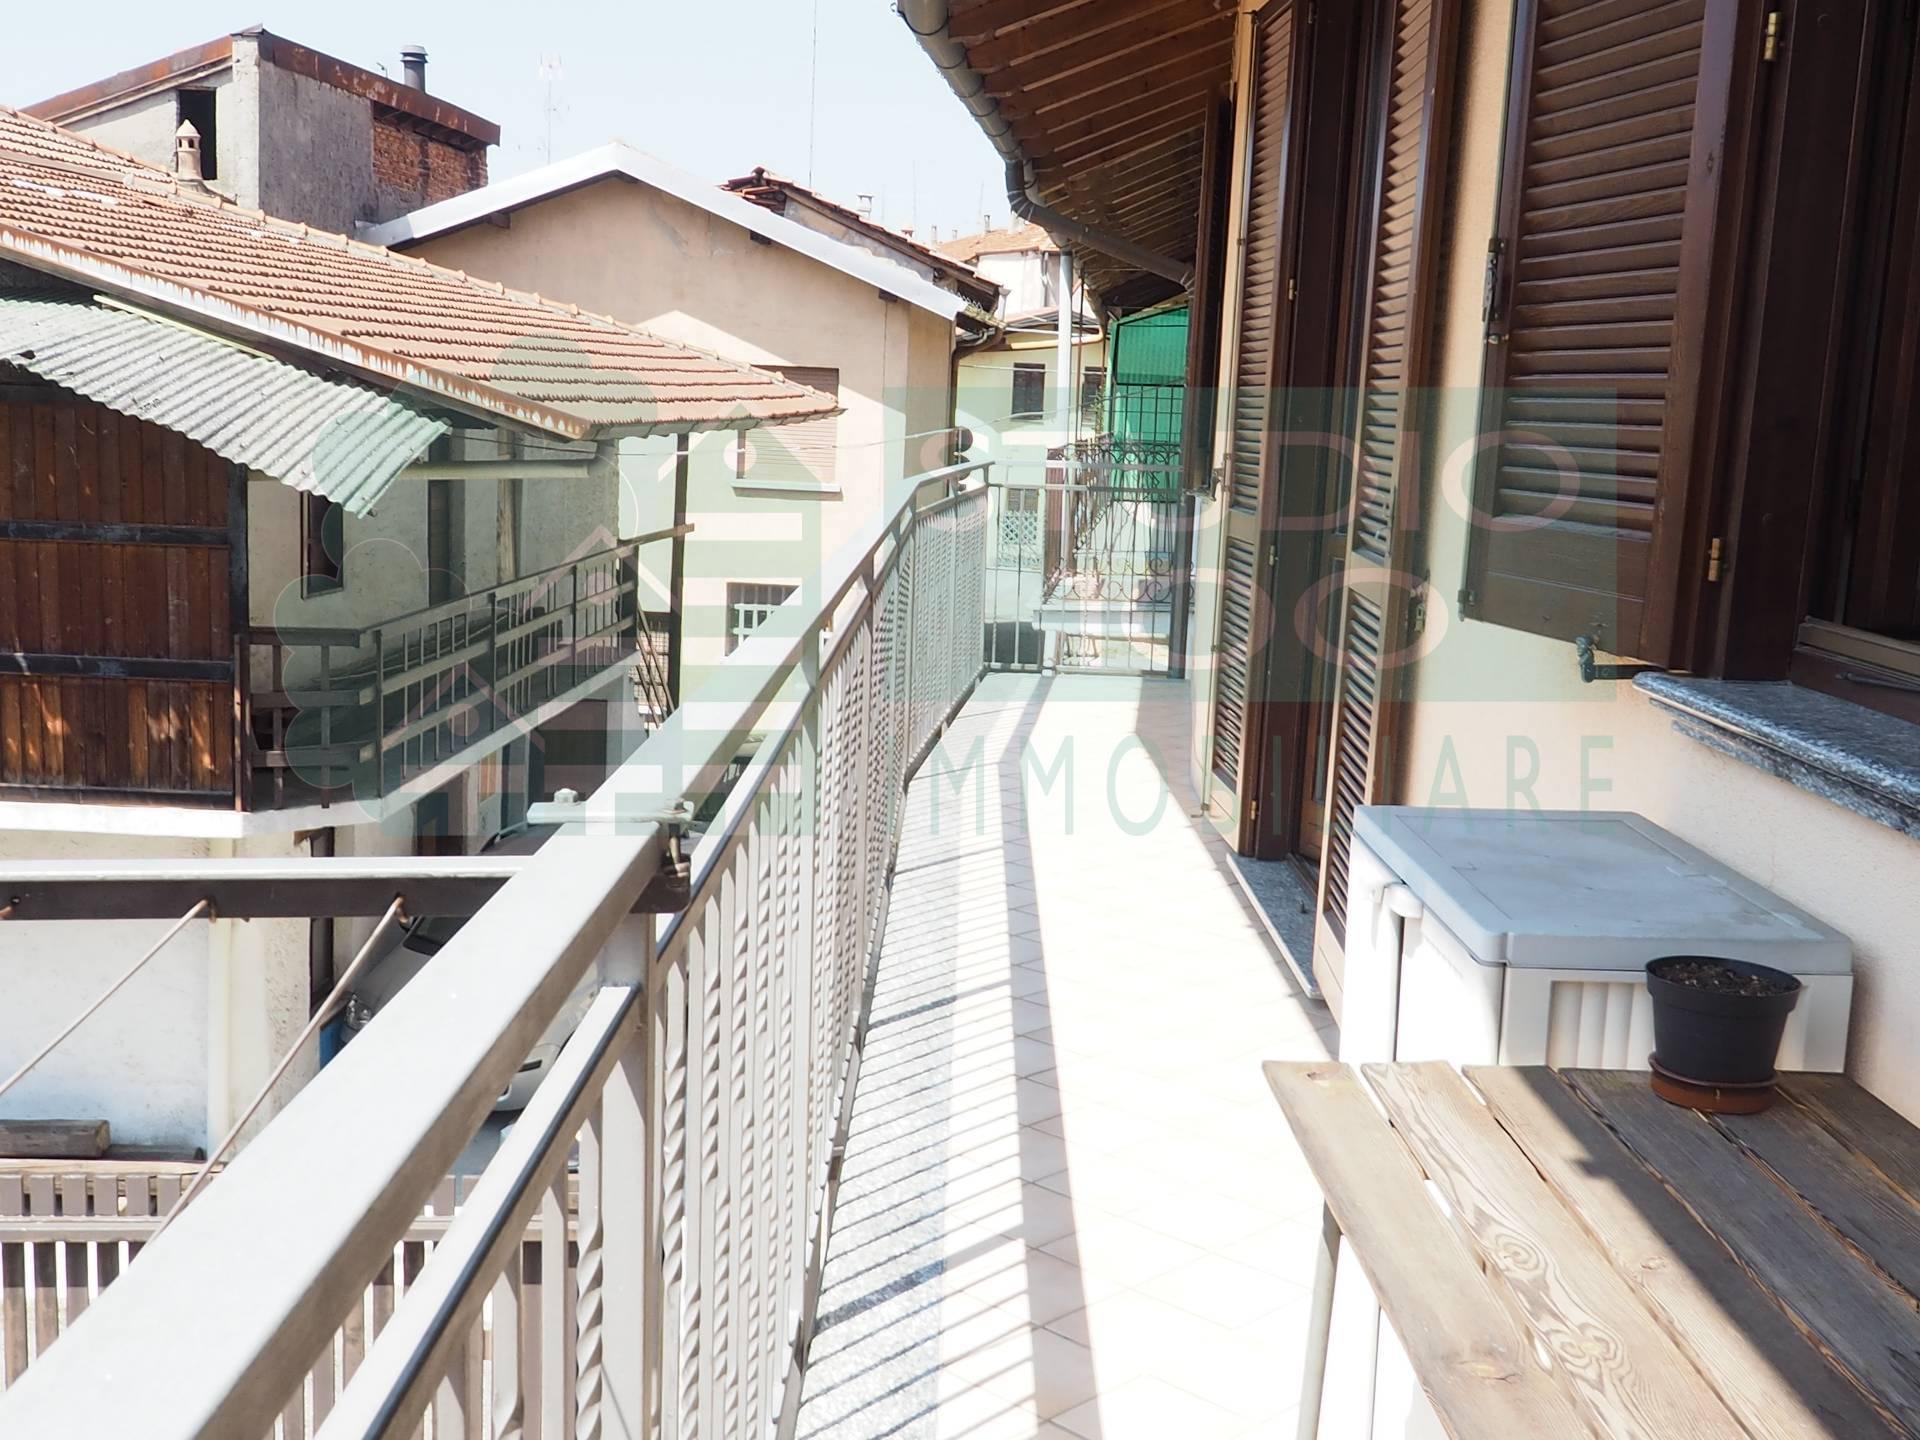 Appartamento in vendita a Arsago Seprio, 3 locali, prezzo € 120.000 | CambioCasa.it